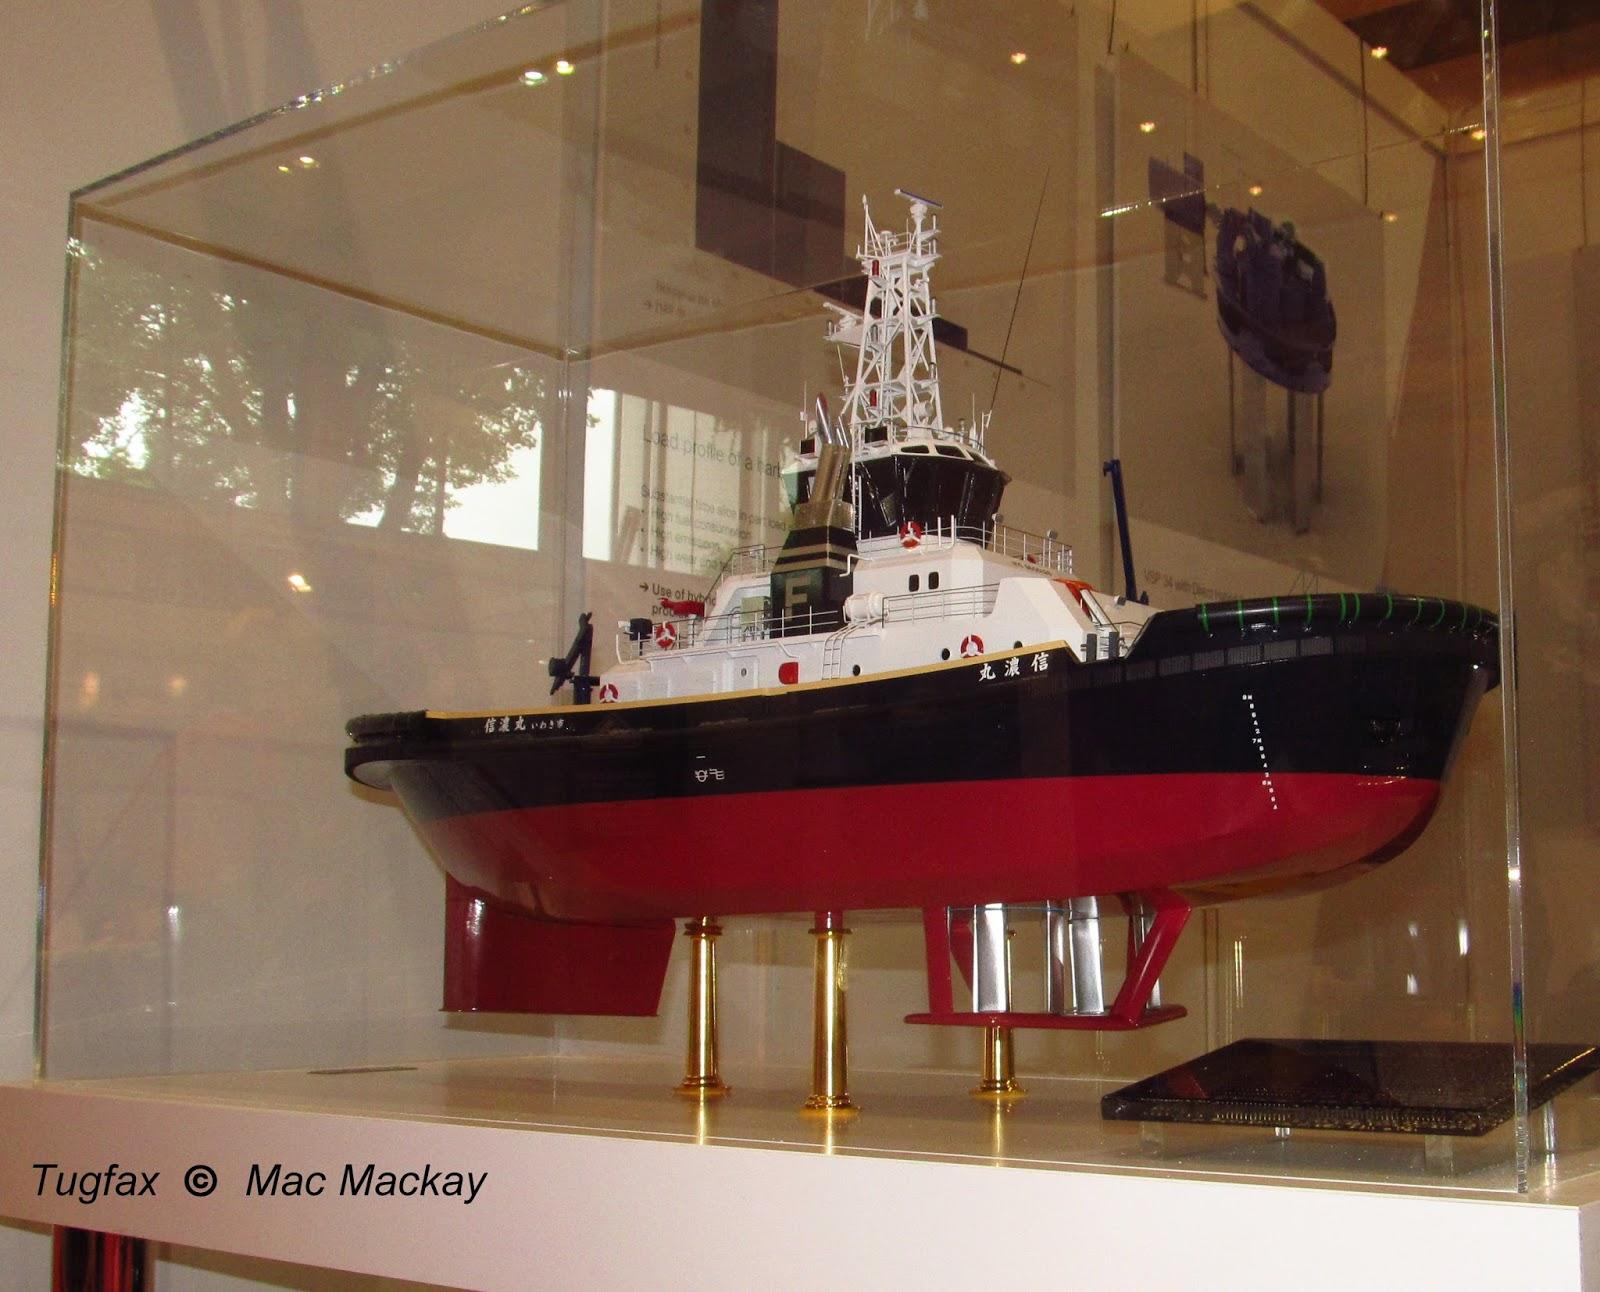 Tugfax: Navy tug plan - again